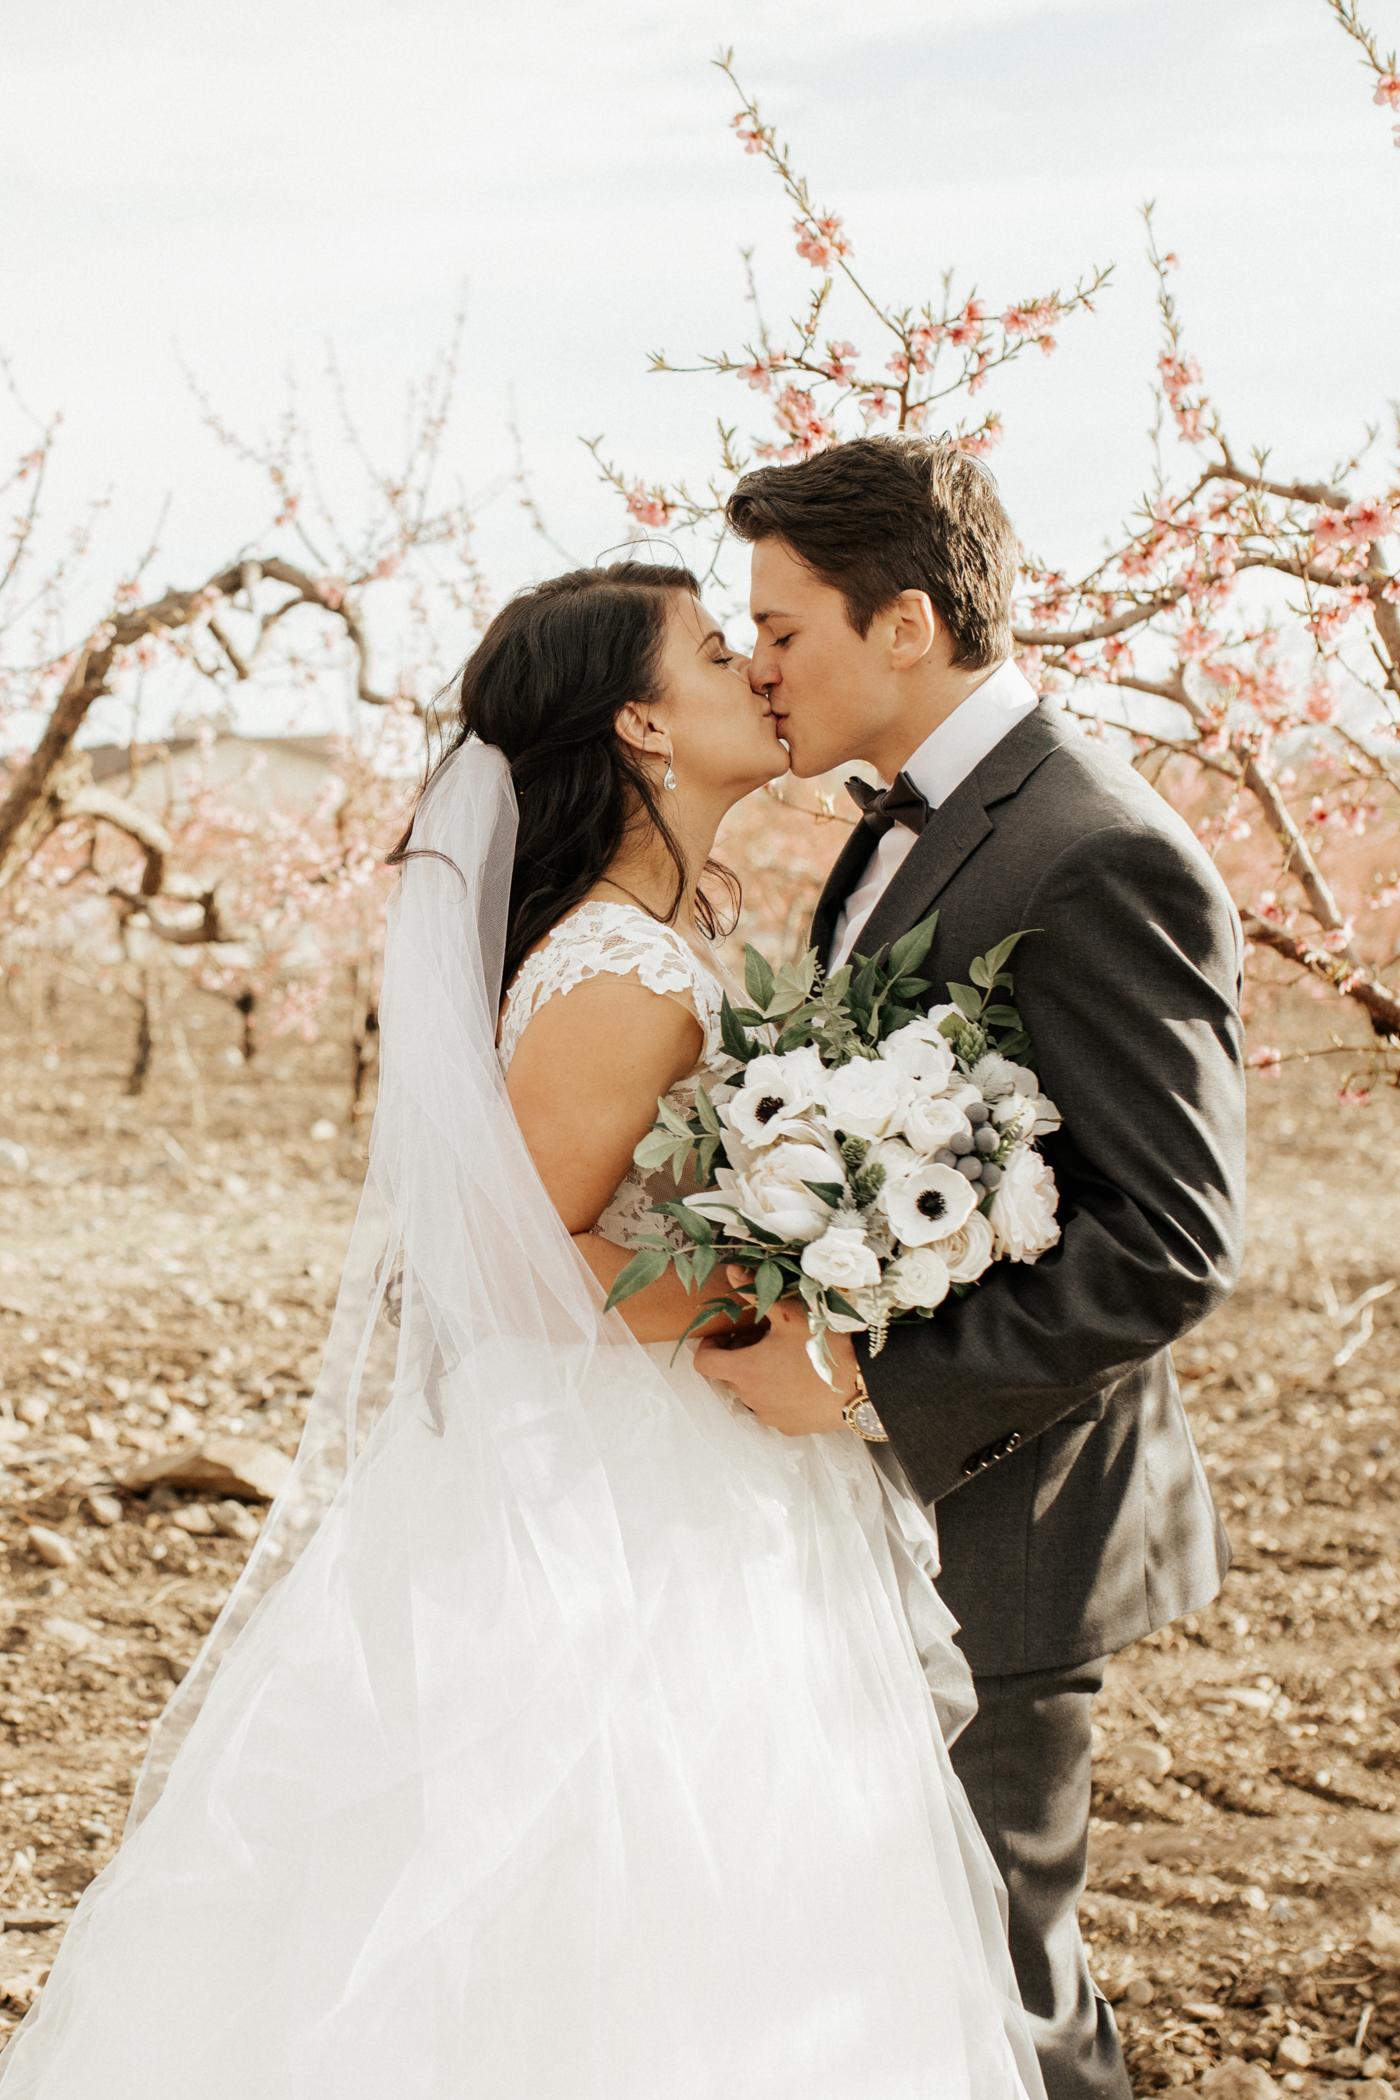 Spring blossomed wedding photos